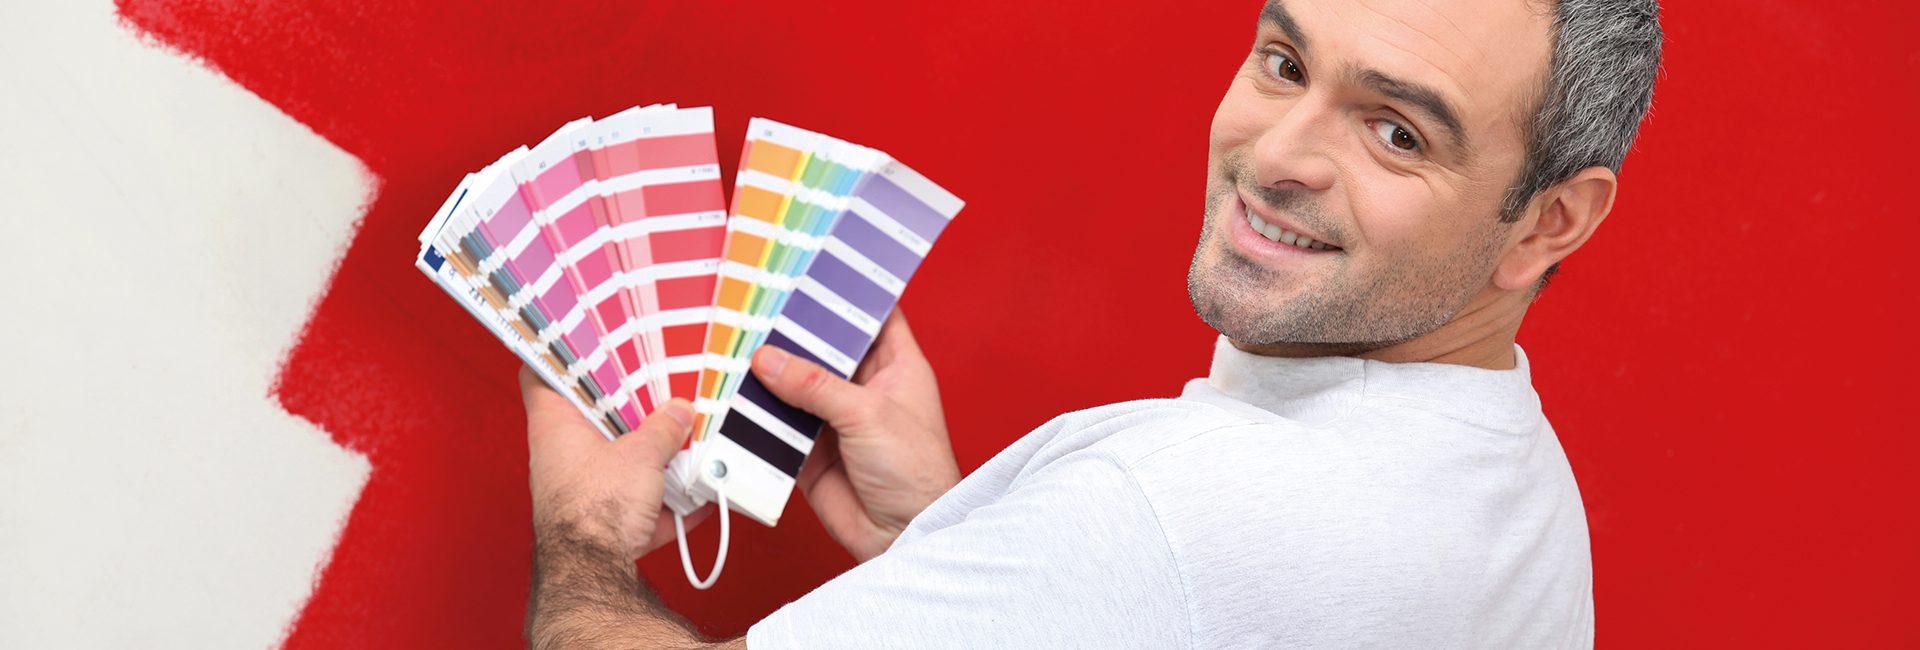 Die wundervolle Welt der Farben entdecken